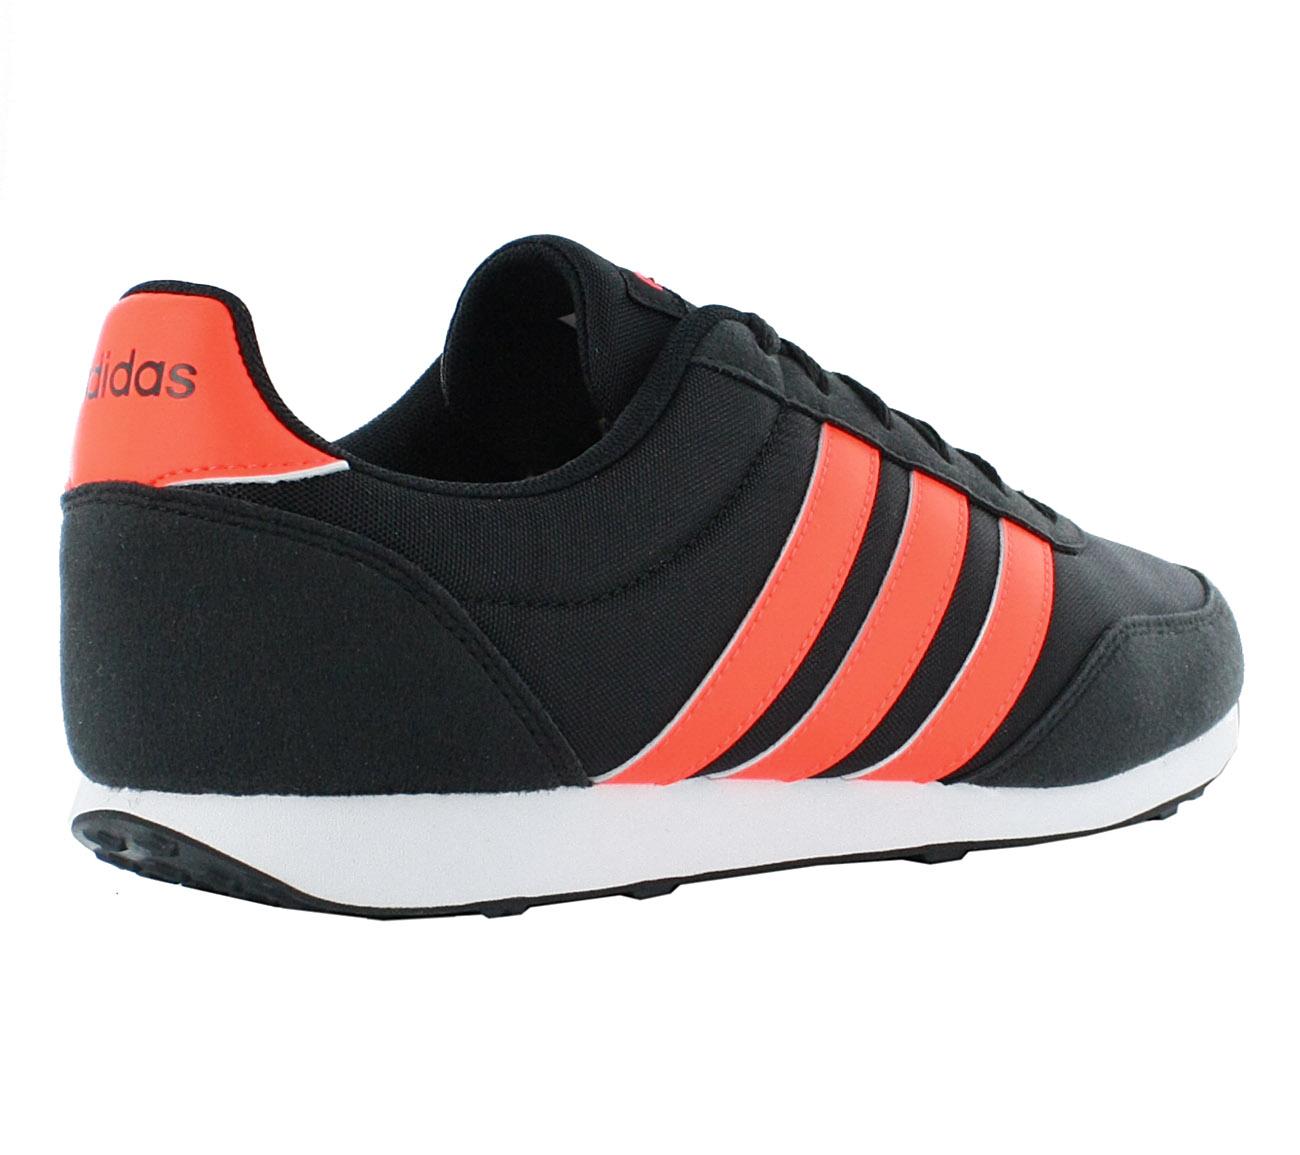 neue adidas - racer 2.0 bc0109 verkaufen mens schuhe ausbilder turnschuhe verkaufen bc0109 8eb446